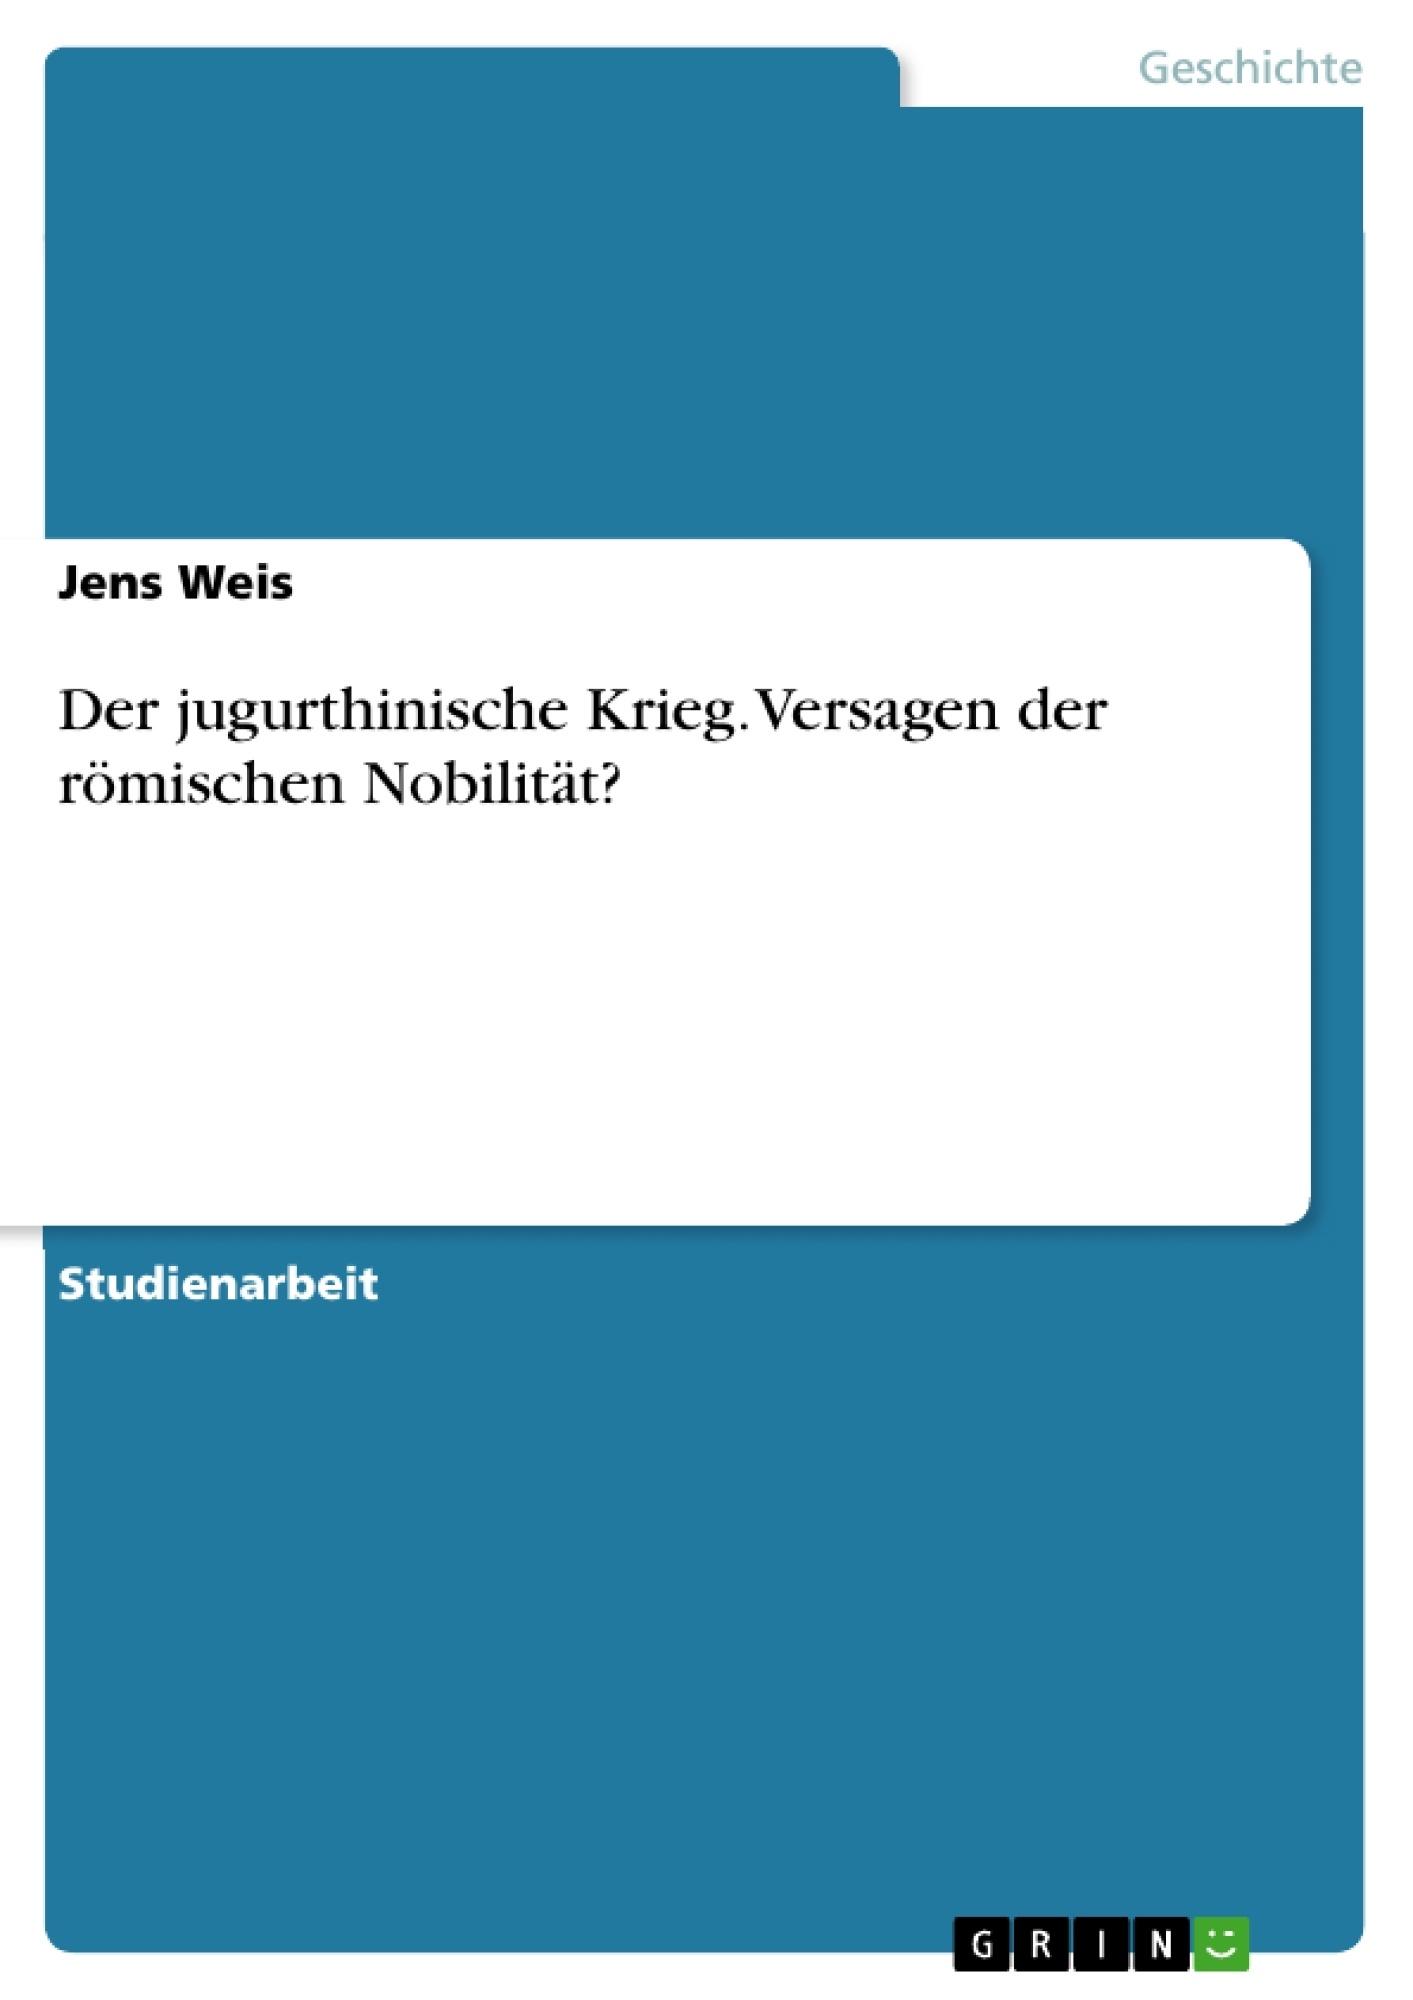 Titel: Der jugurthinische Krieg. Versagen der römischen Nobilität?